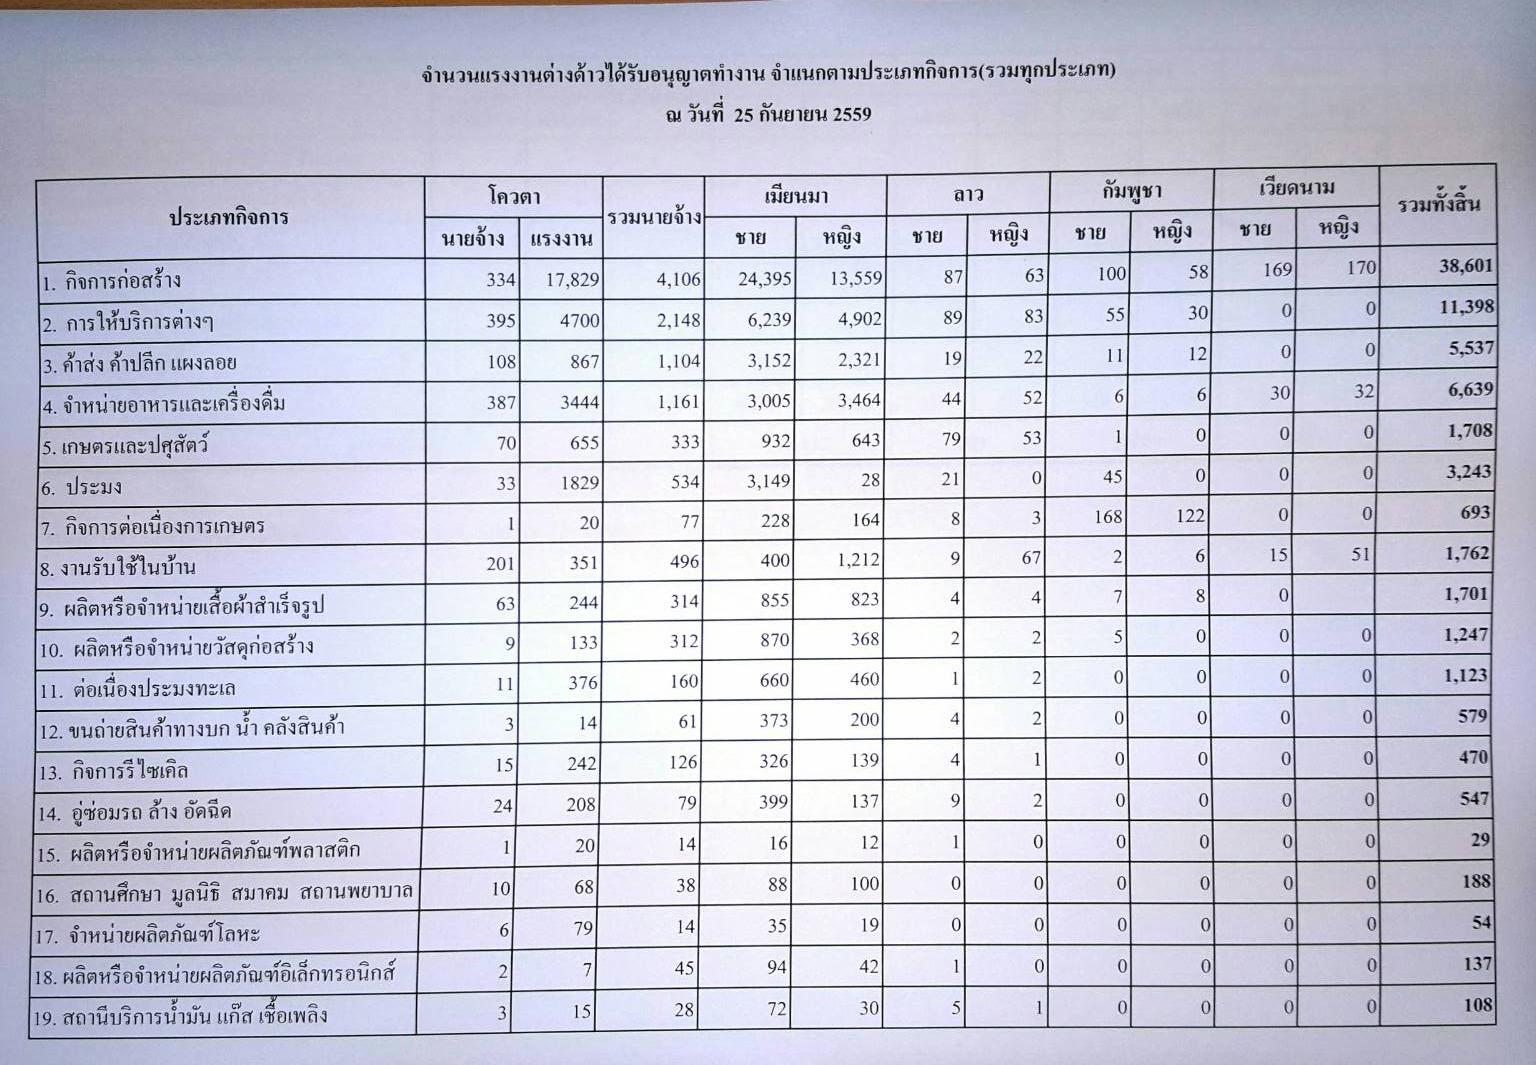 ข้อมูลการขออนุญาตทำงานของแรงงานต่างด้าวประจำเดือนกันยายน 2559